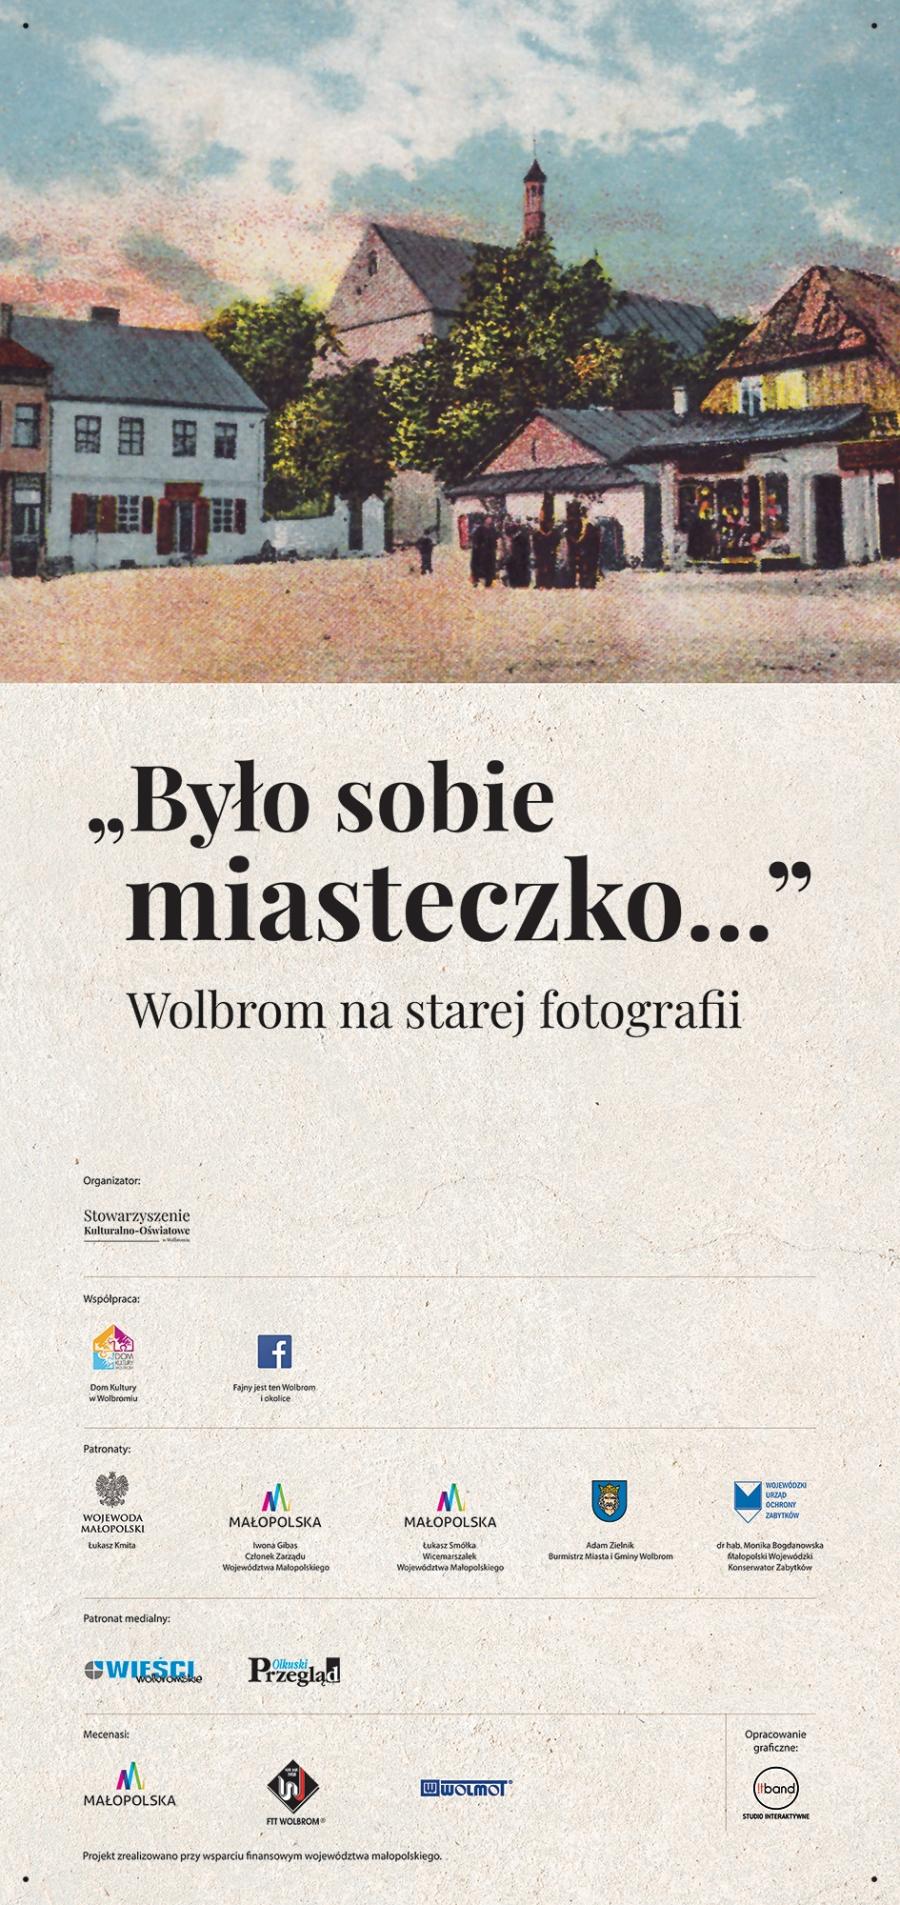 Wolbrom na starej fotografii - wystawa czynna od dzisiaj na płycie rynku